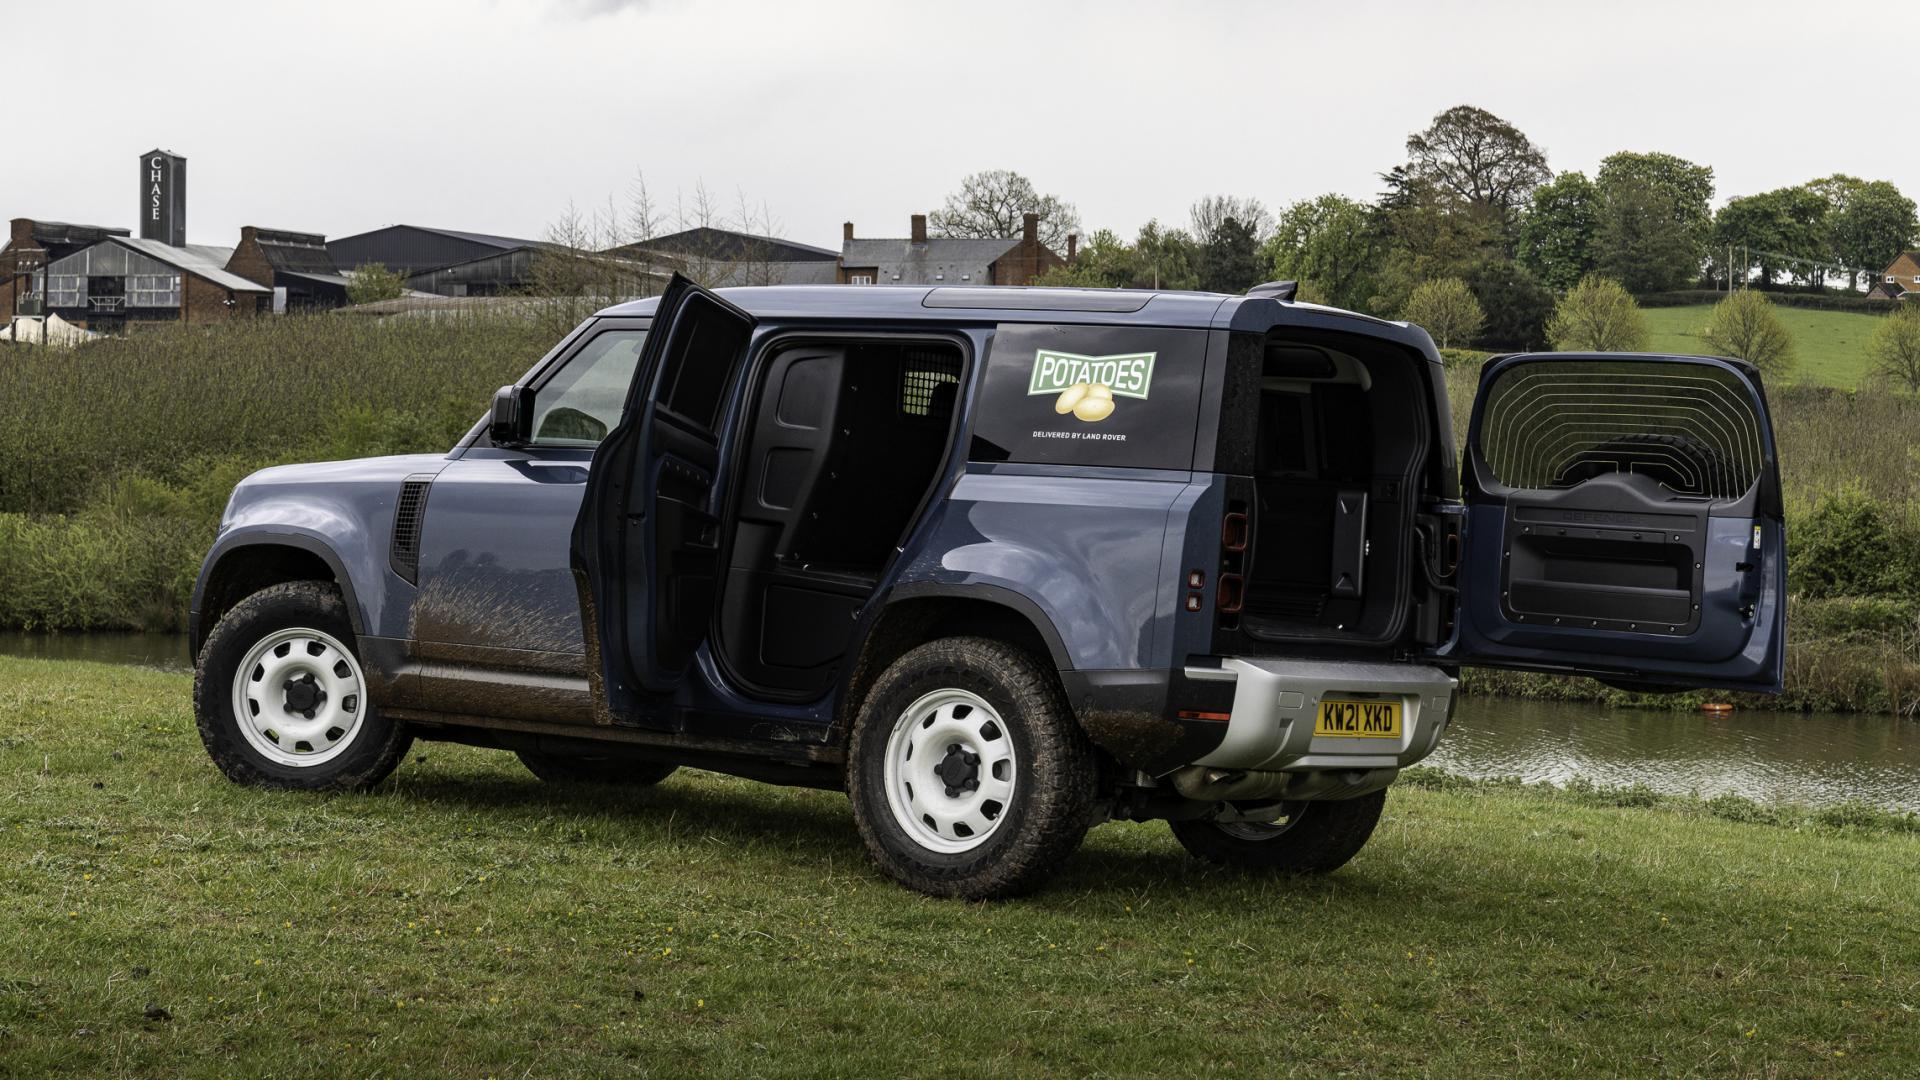 Deuren open Land Rover Defender 90 Commercial (grijs kenteken)